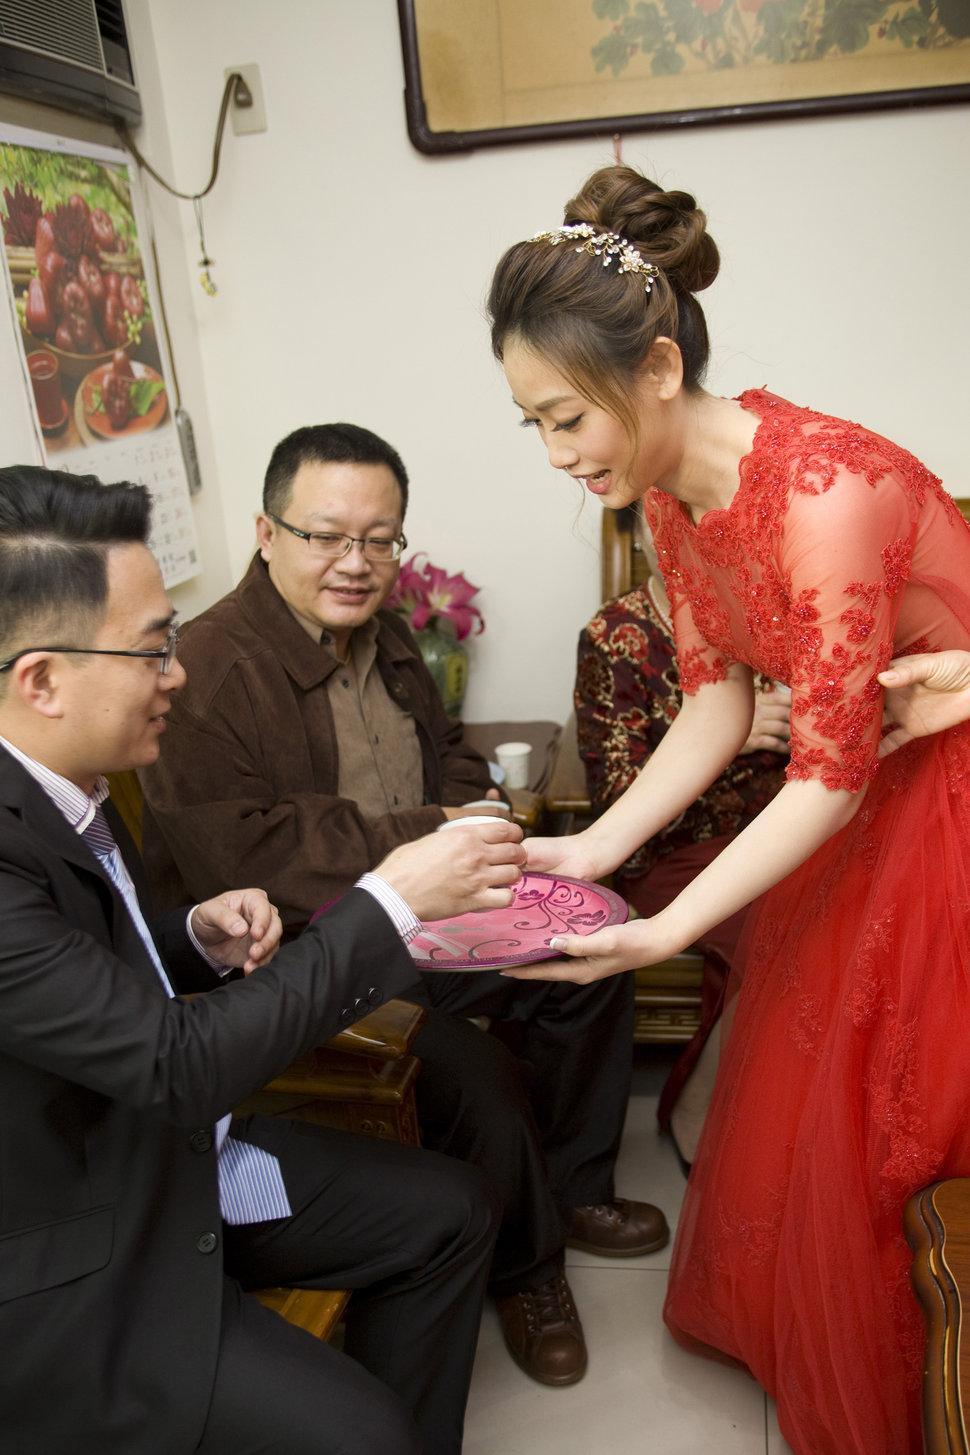 蓓麗宛婚禮時尚(編號:541444) - 蓓麗宛婚禮時尚《結婚吧》